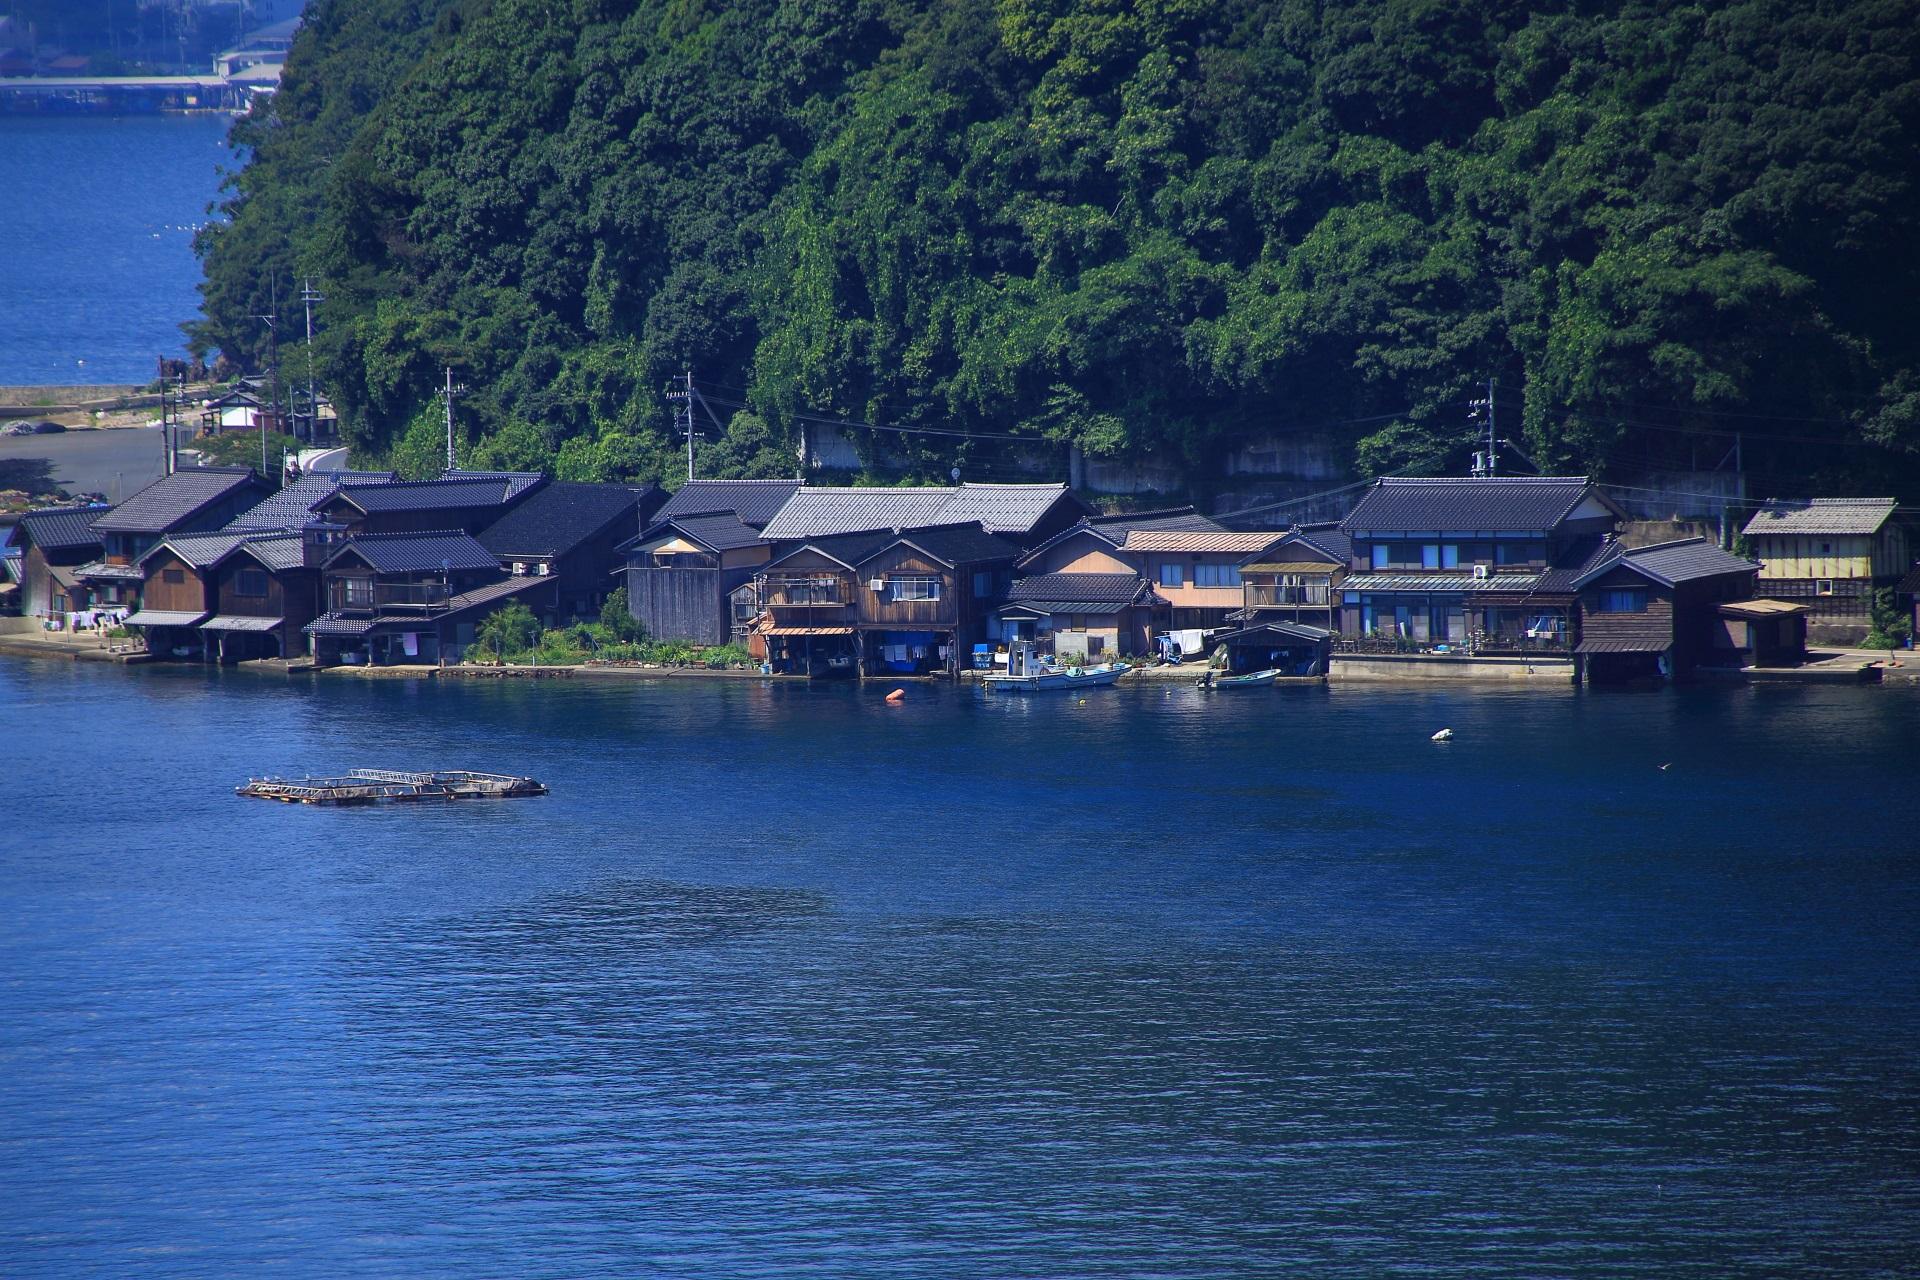 自然と家が融合した舟屋の街並み